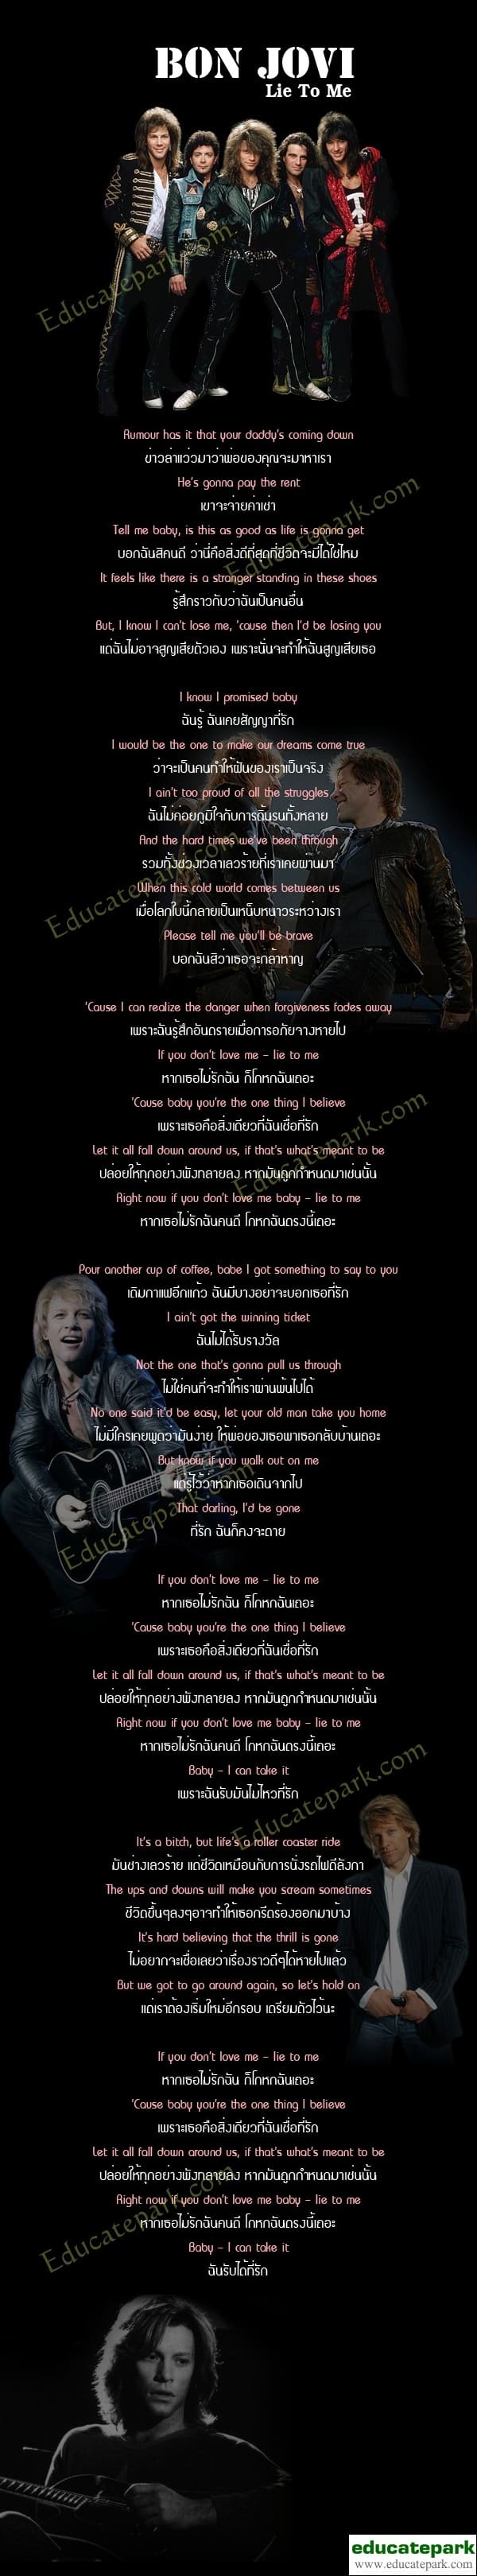 แปลเพลง Lie To Me - Bon Jovi